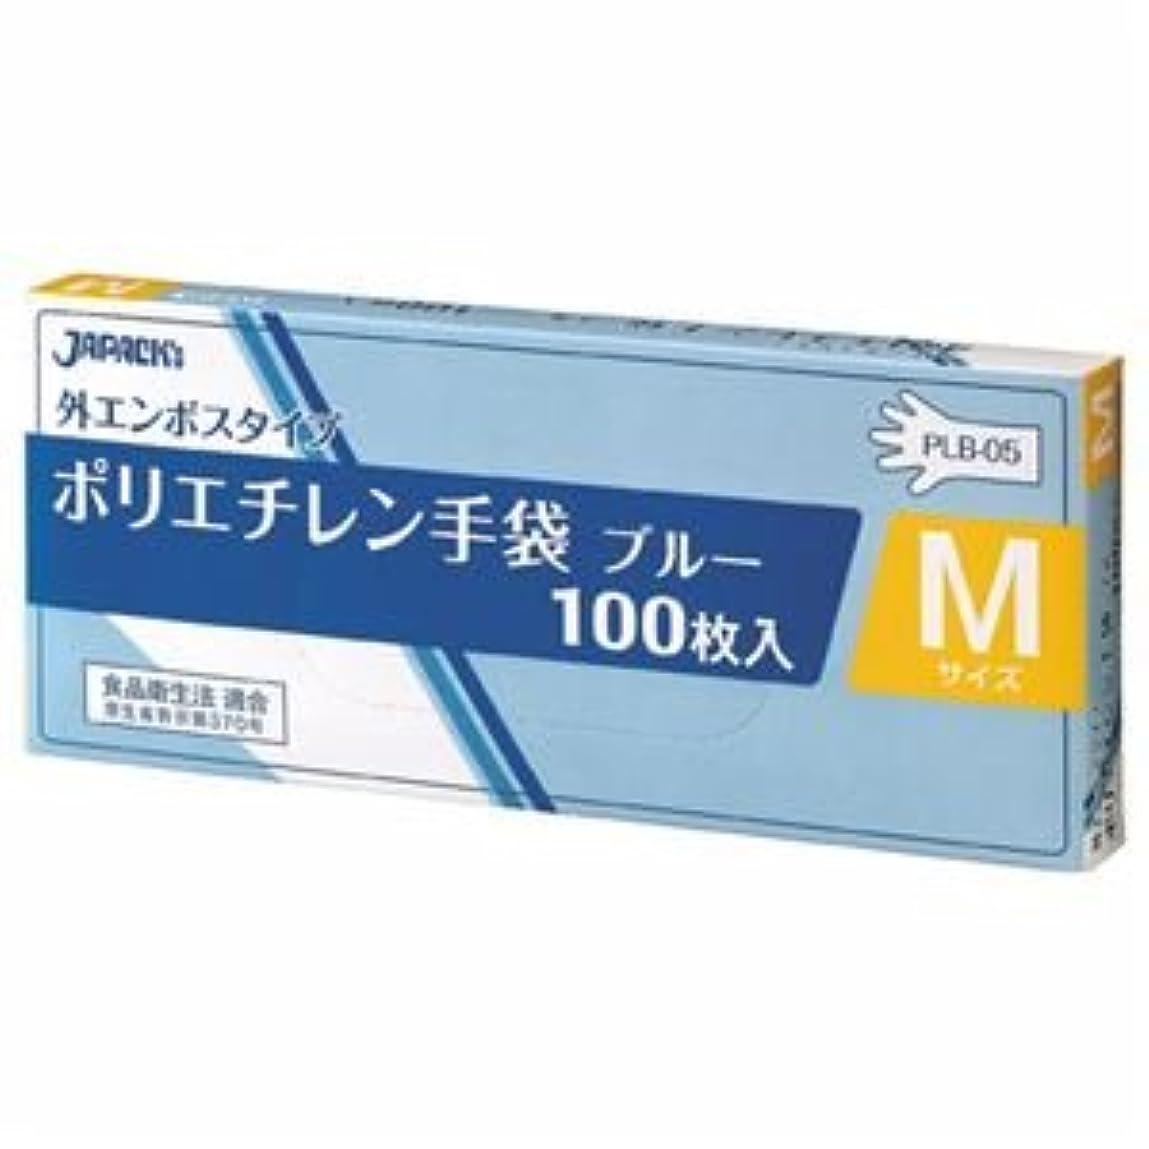 める上下するコマース(まとめ) ジャパックス 外エンボスLDポリ手袋BOX M 青 PLB05 1パック(100枚) 【×20セット】